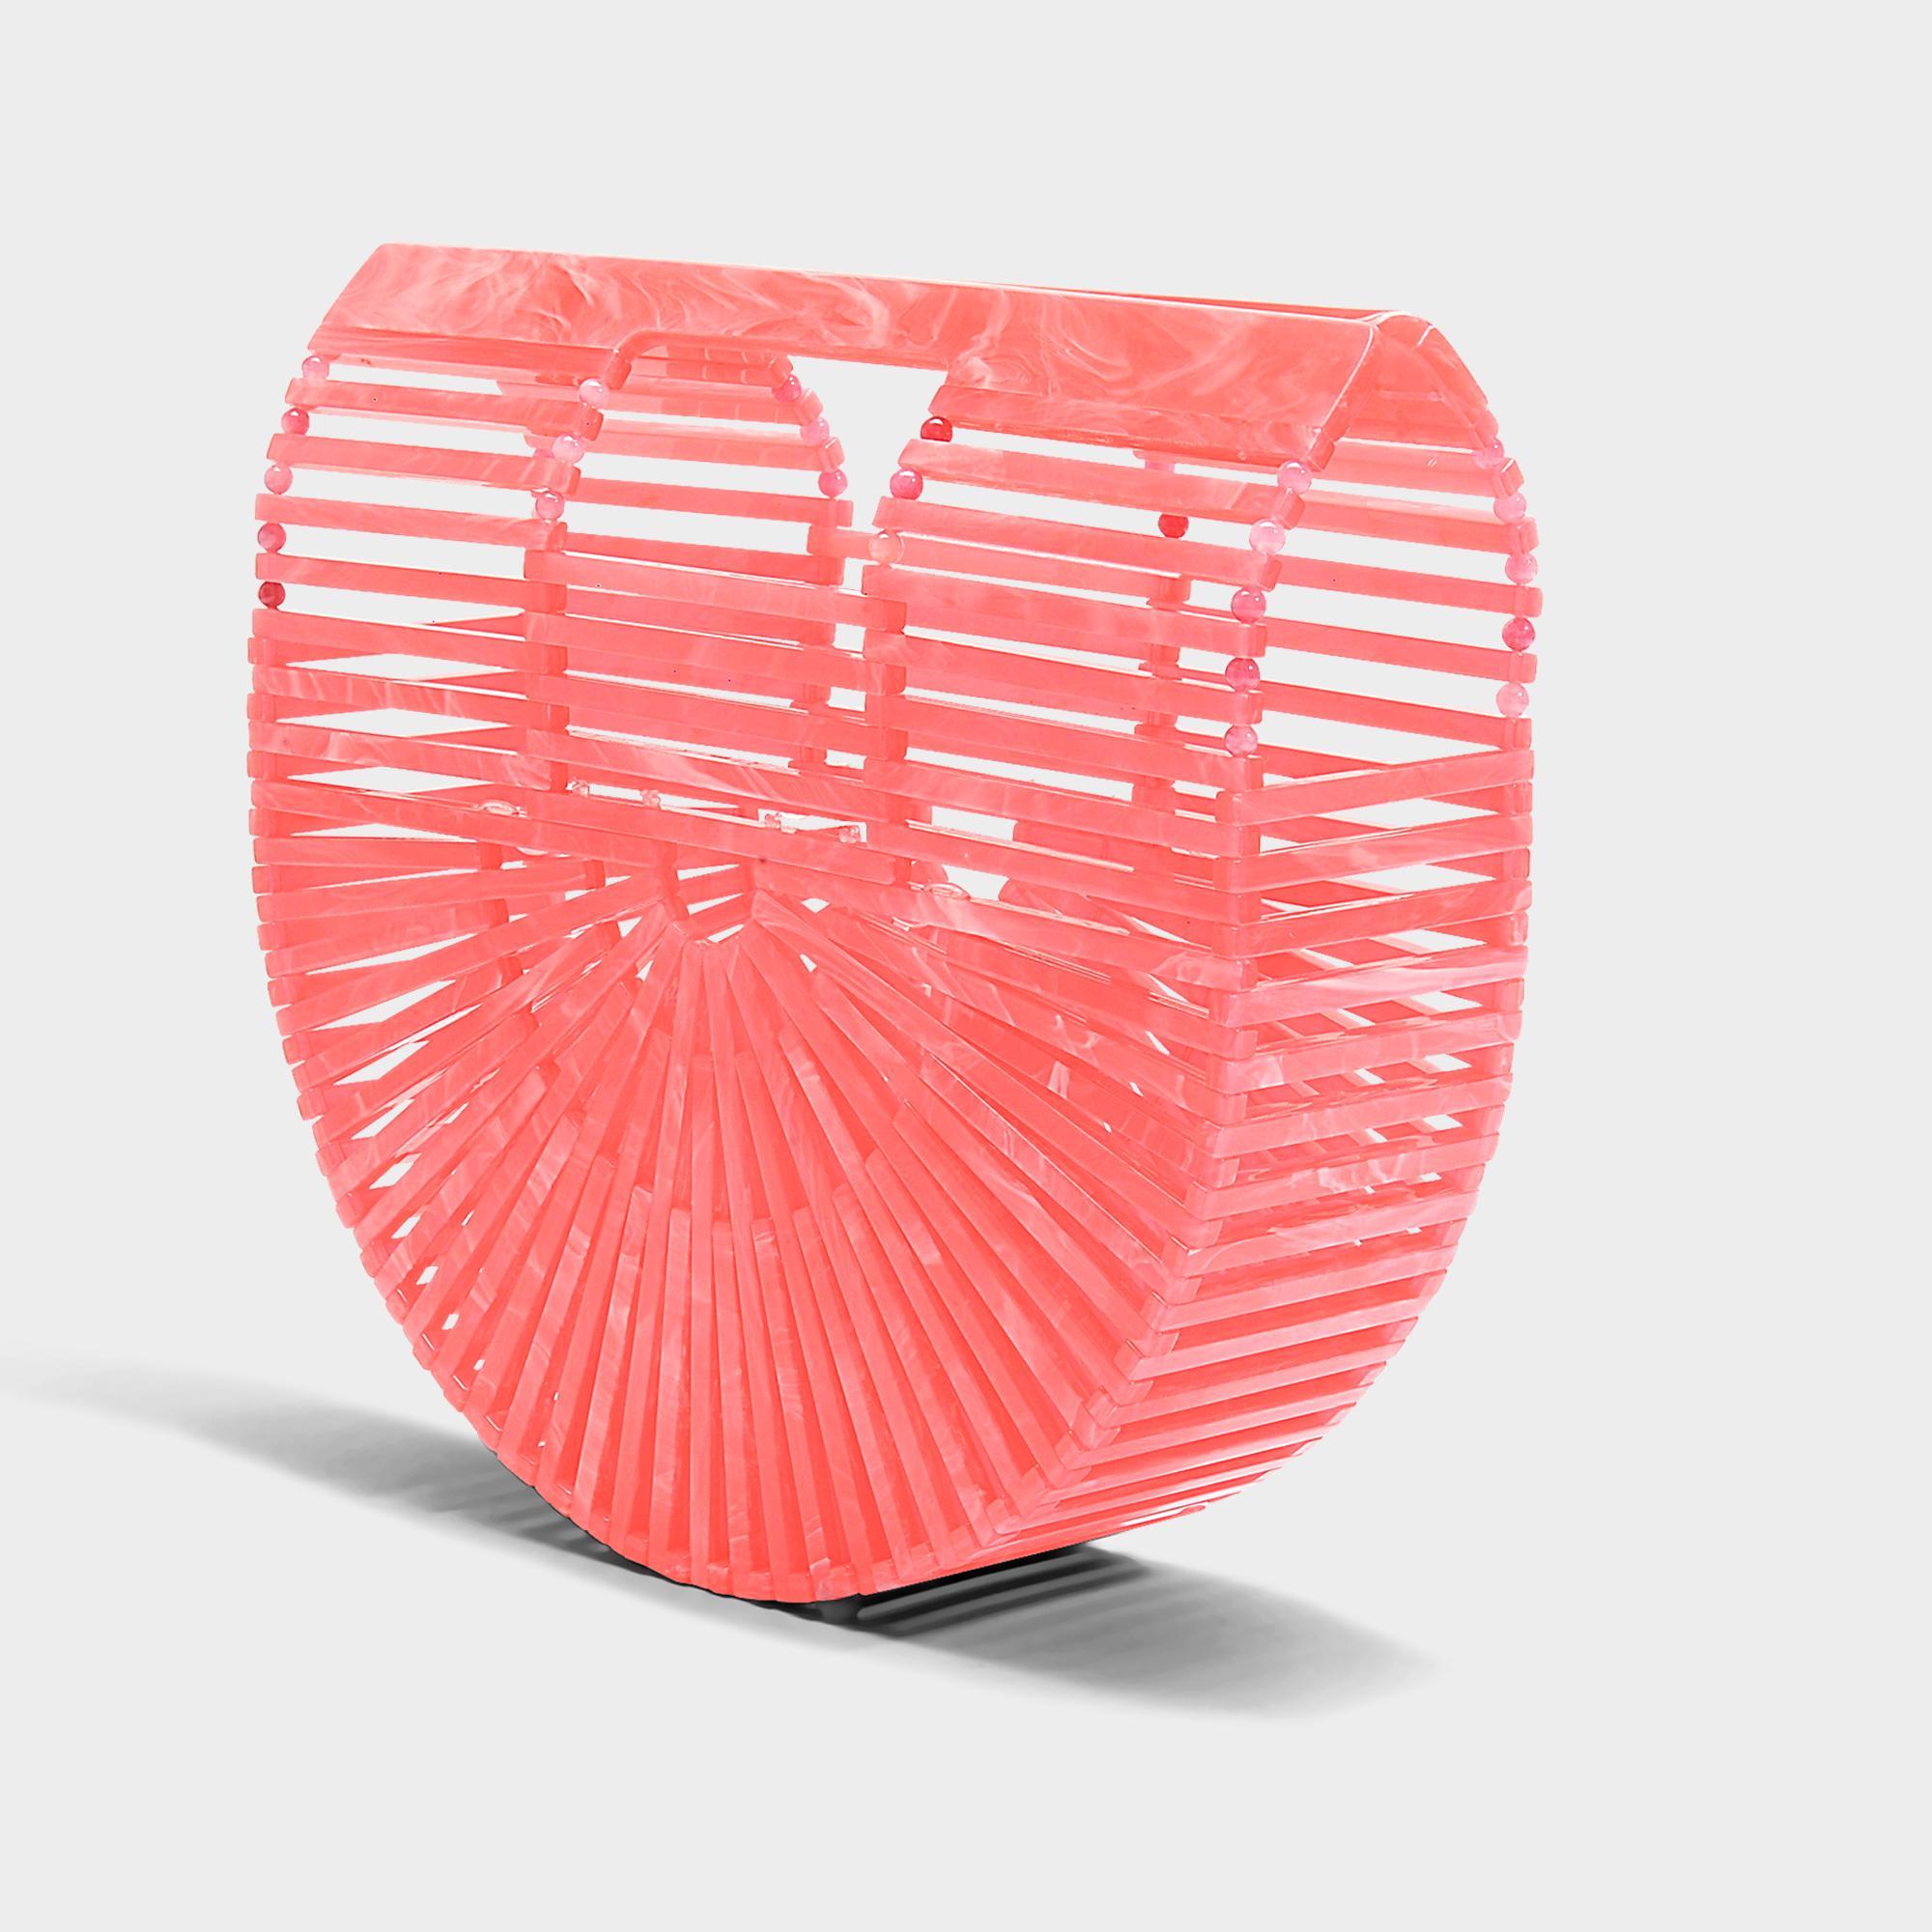 Culte Gaia Arche Mini-acrylique Sac En Pastèque Acrylique Livraison Gratuite Meilleurs Prix ODfENM